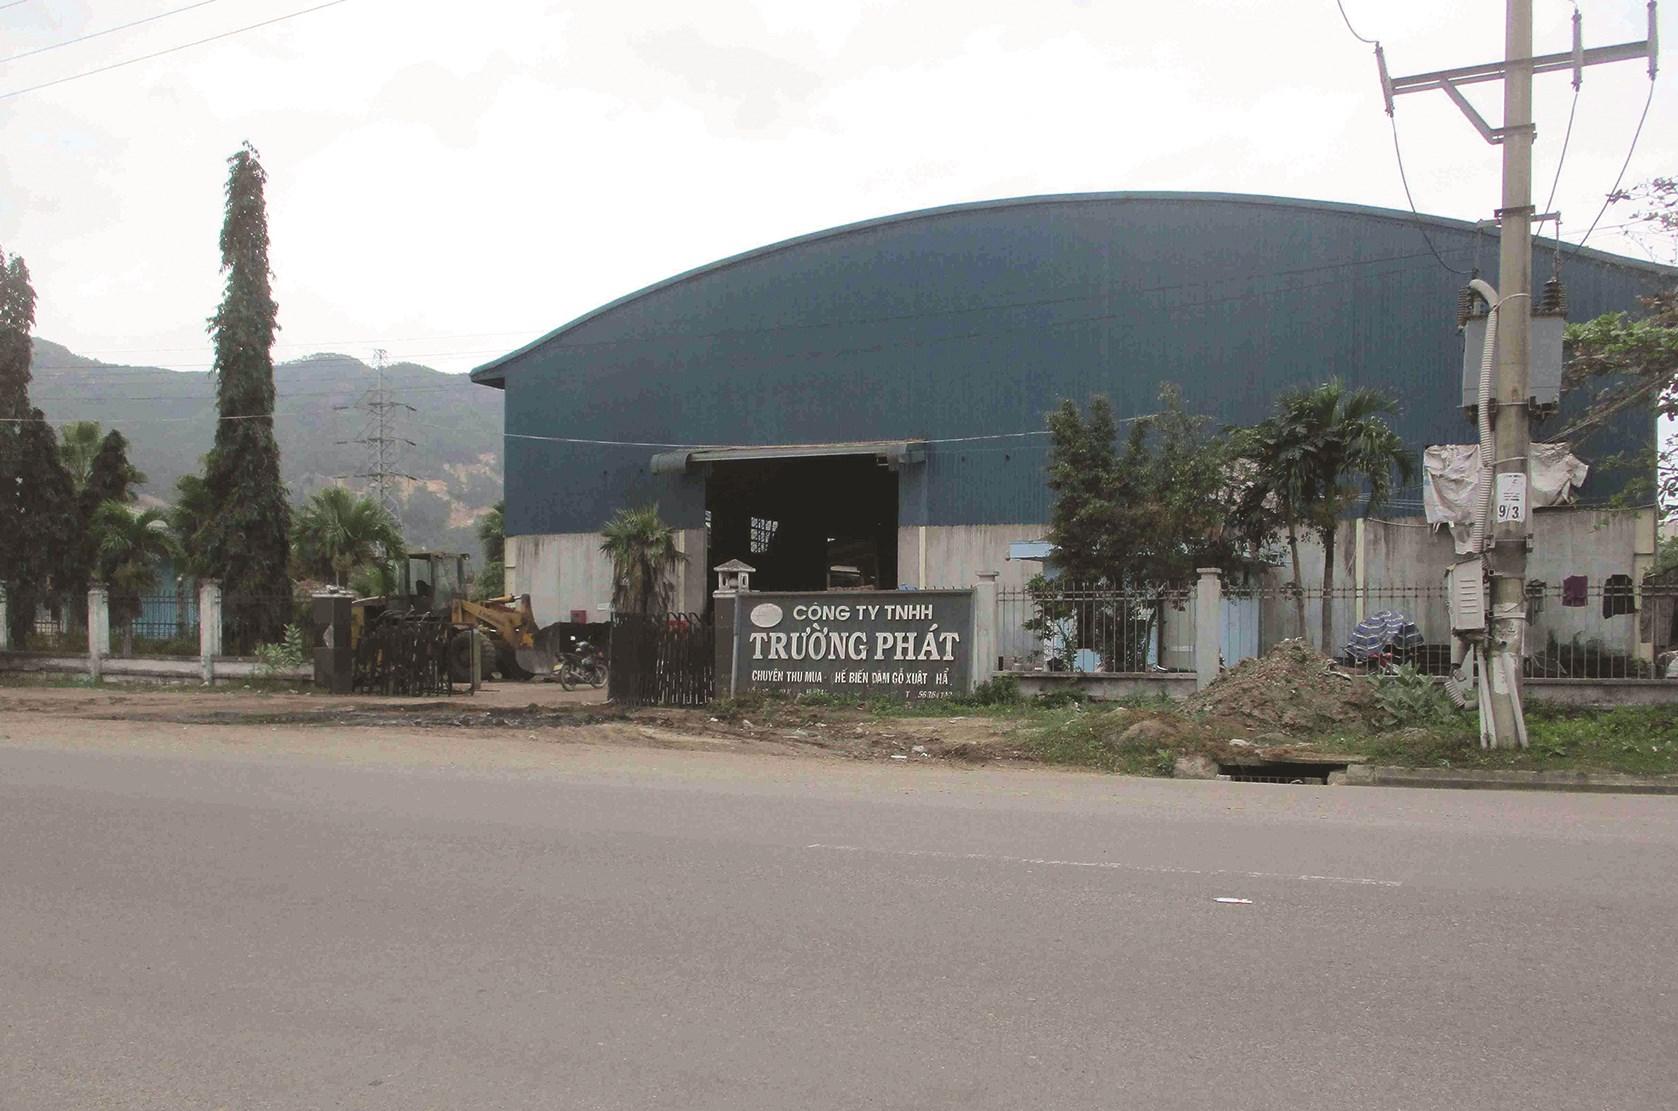 Công ty TNHH SX-TM Trường Phát sản xuất viên nén, một trong những đơn vị gây ô nhiễm môi trường, khiến người dân bức xúc